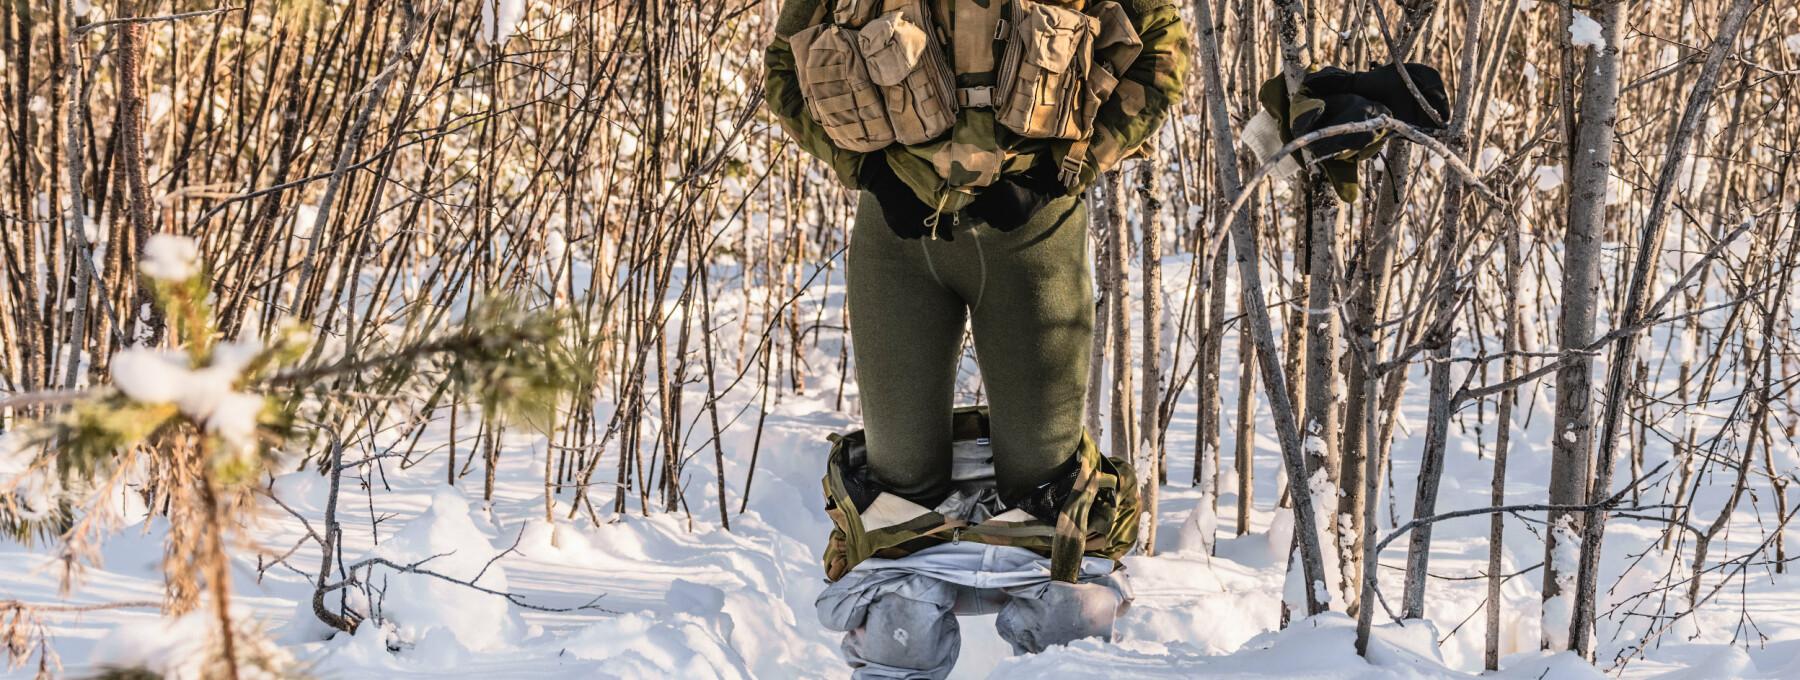 – Til forskjell fra gutta så må jentene av med alle lagene, og ikke bare åpne opp en smekk. Dette sier Lone Lykke Andreassen, visespesialist ved Maritim Helikopterving (tidligere 139 Luftving) i Bardufoss.